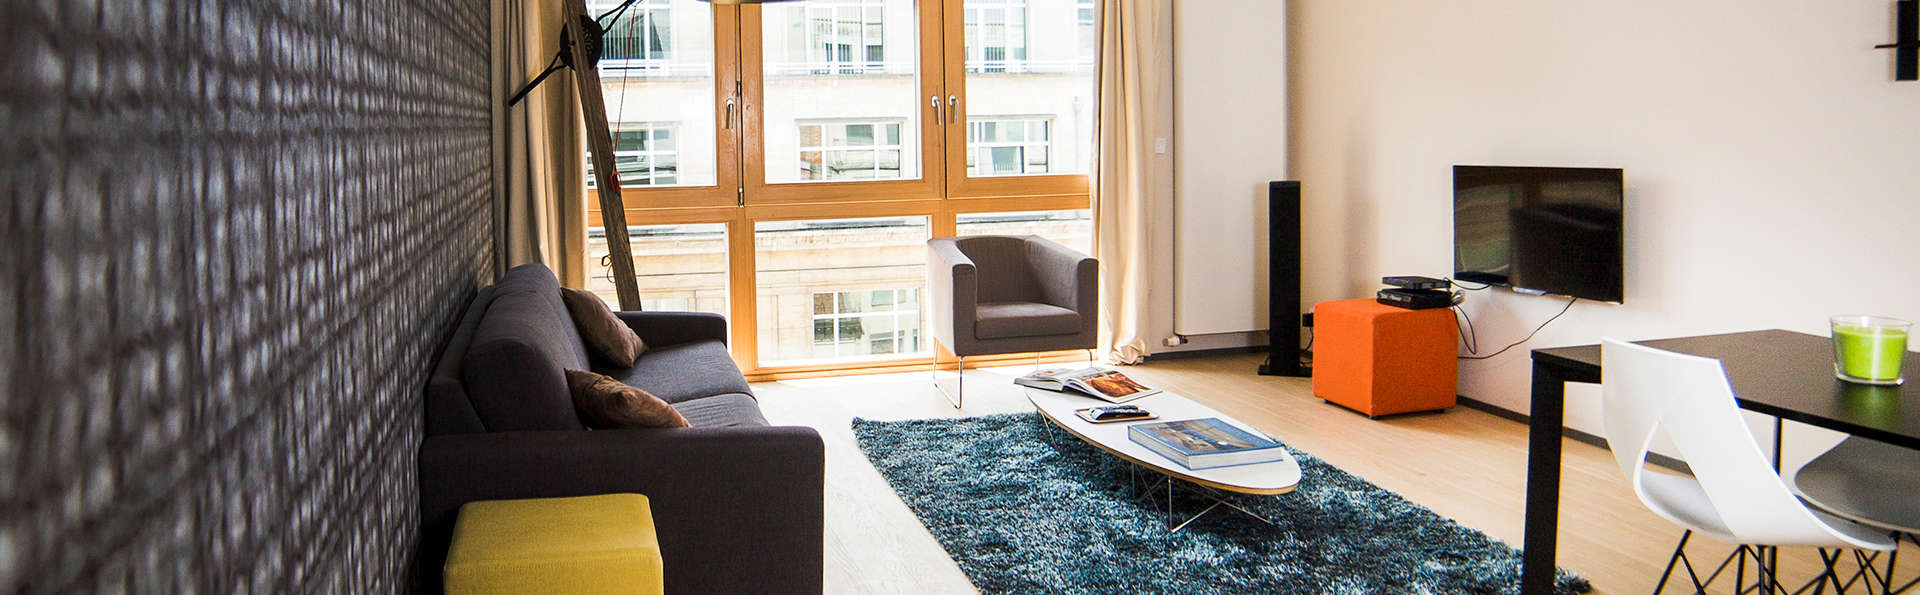 Appartement spacieux au centre de Bruxelles